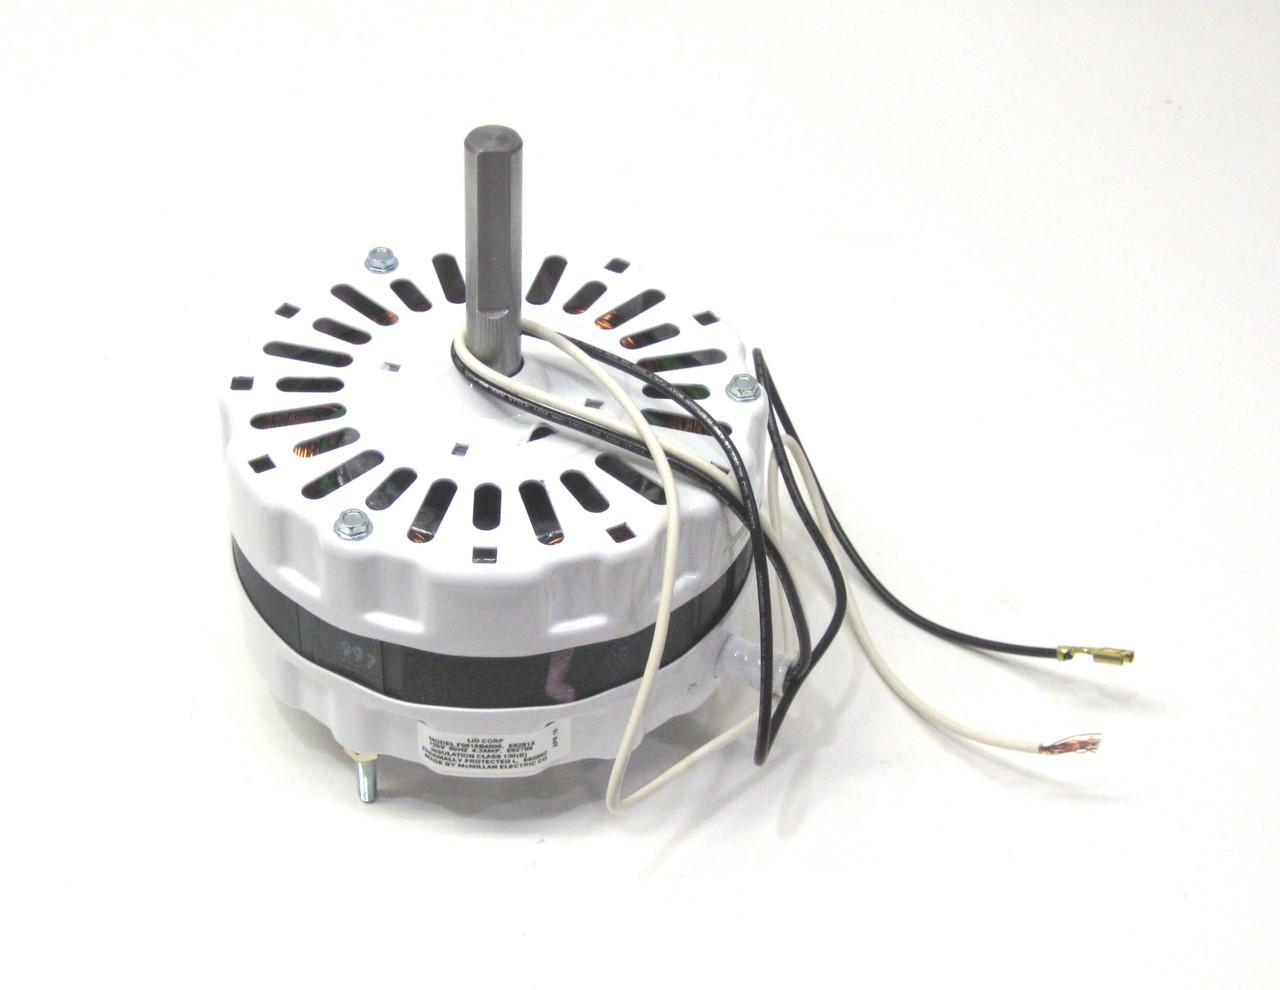 Attic Fan Motor Ventilator for Broan 20 20 White 20